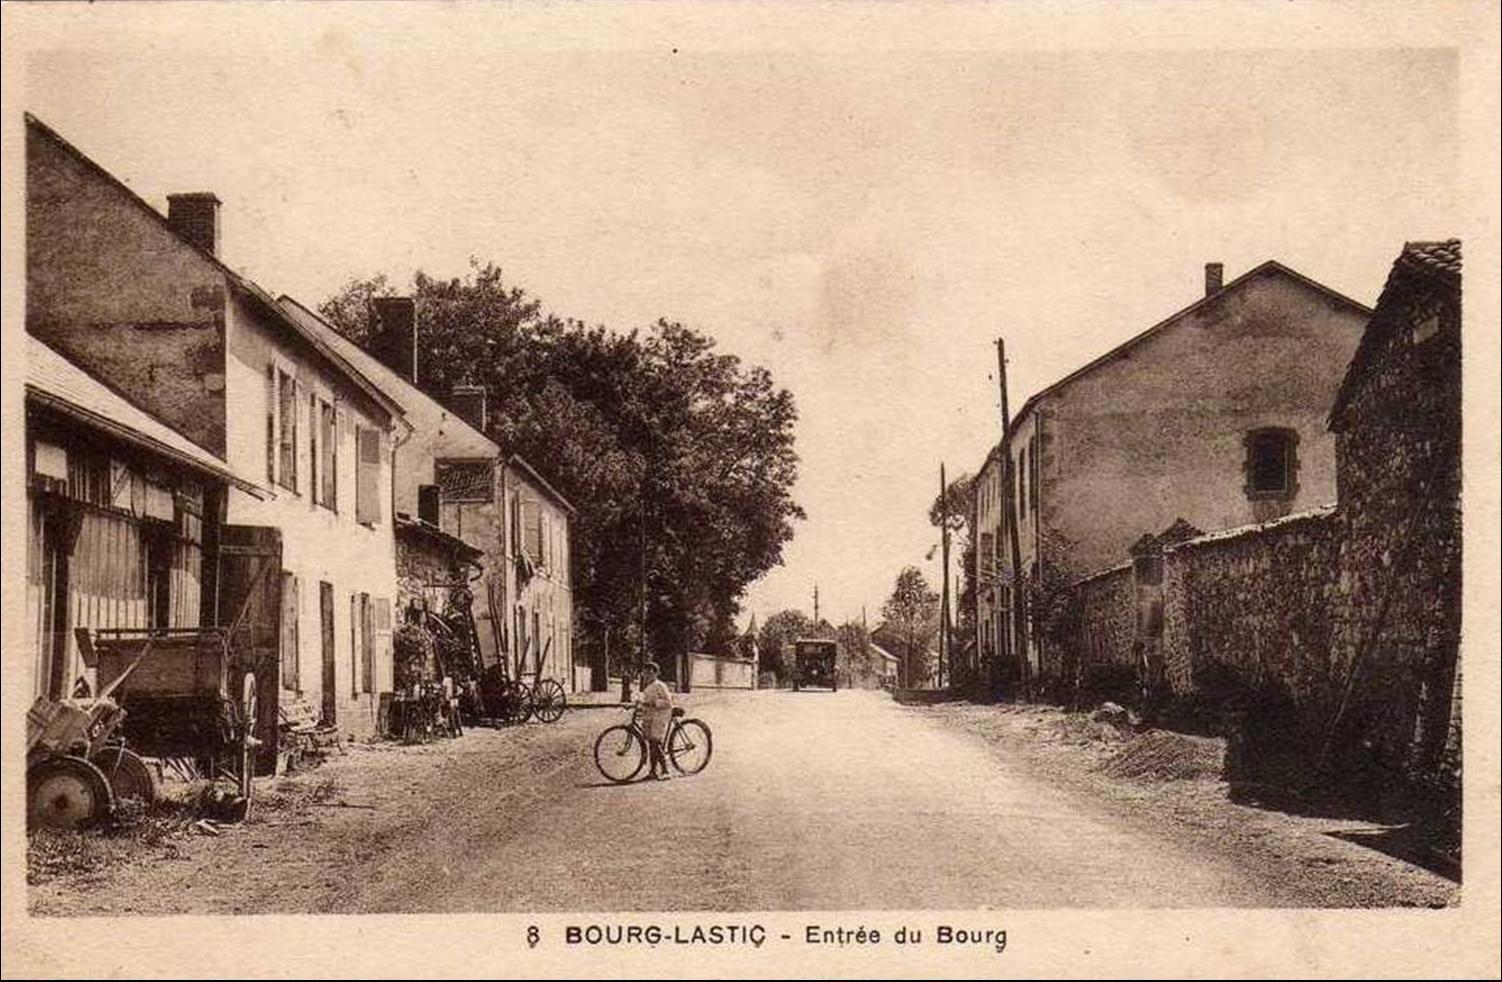 Il était une fois à Bourg Lastic